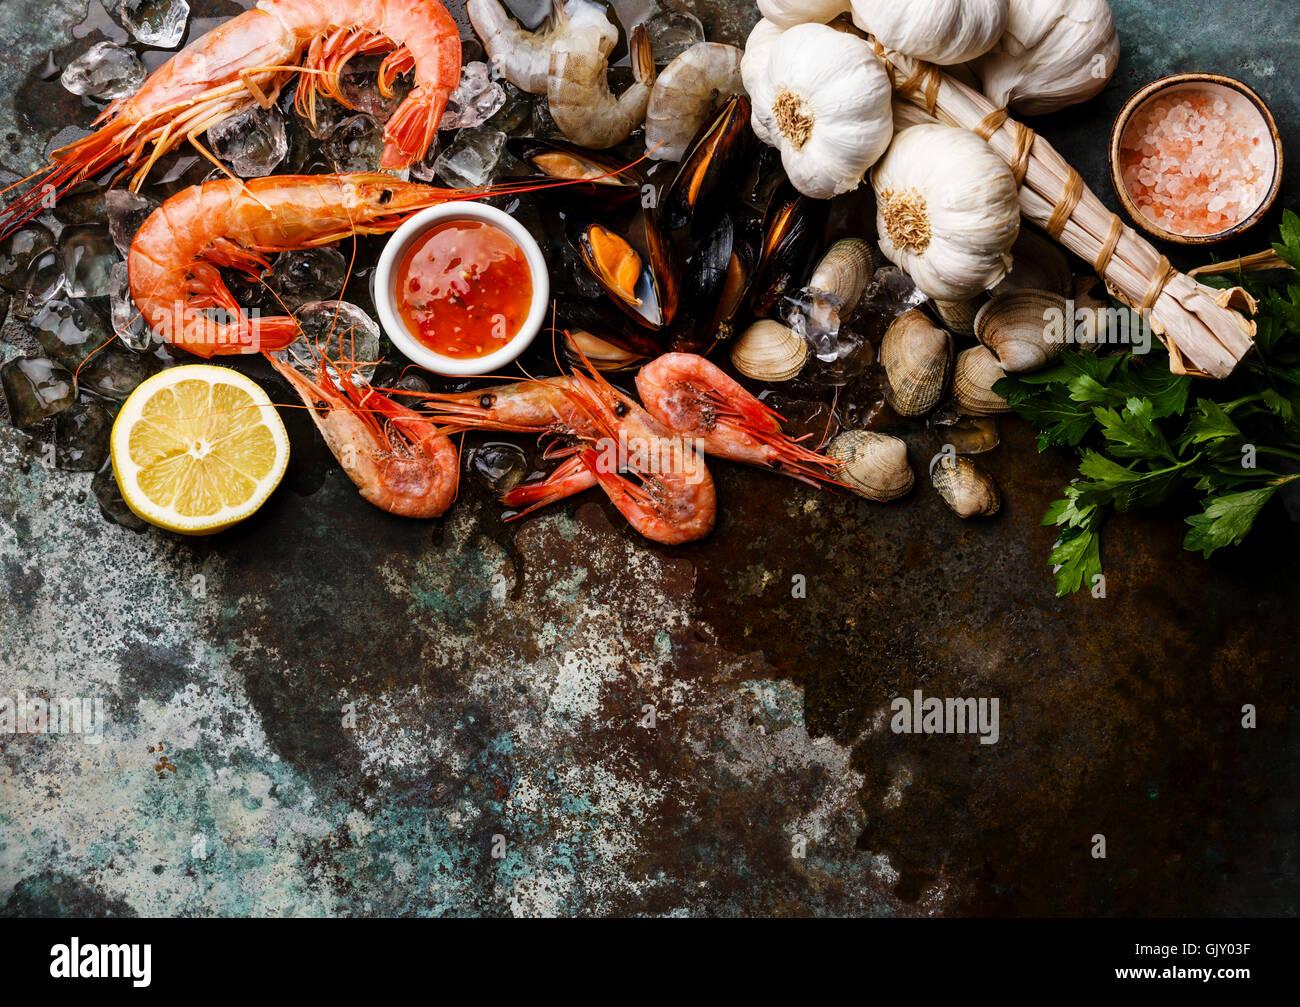 Meeresfrüchte-textfreiraum Hintergrund mit frischen rohen, Miesmuscheln, Venusmuscheln, Vongole, Krabben, Garnelen Stockbild